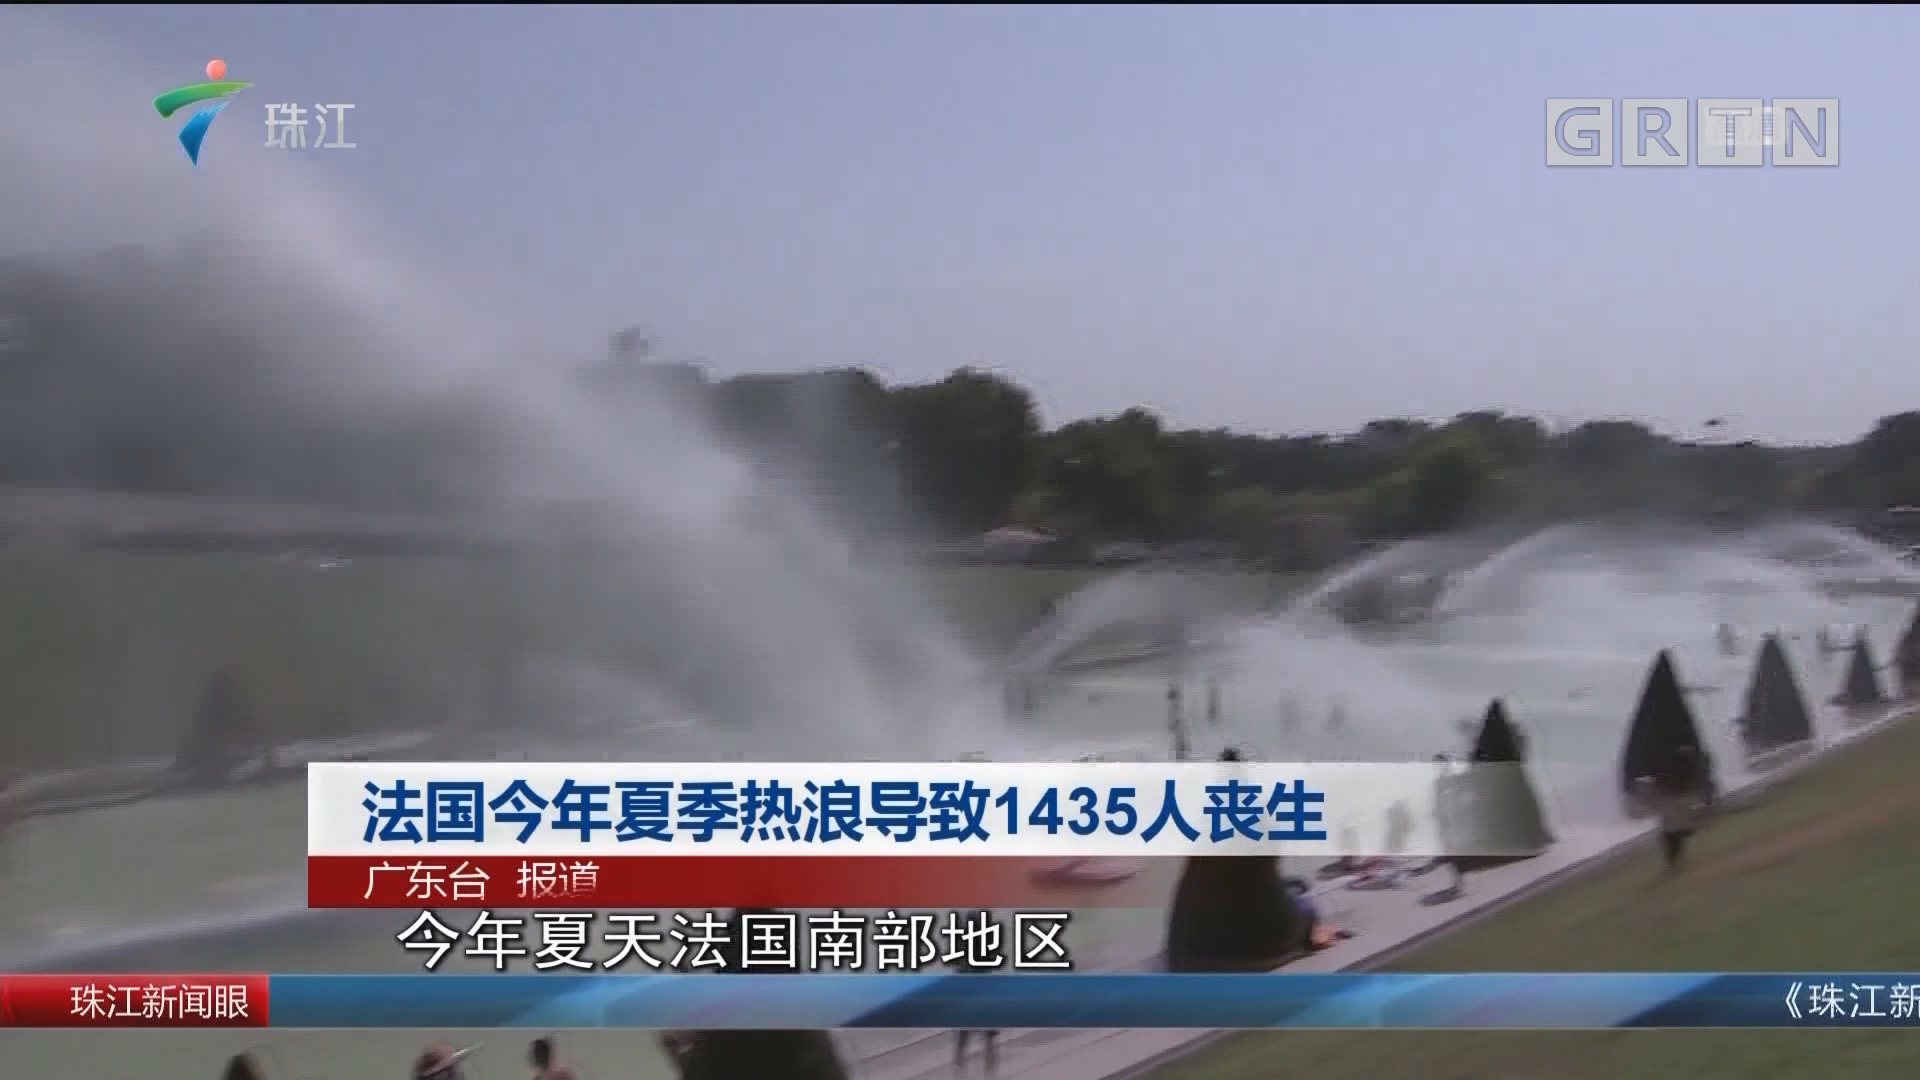 法国今年夏季热浪导致1435人丧生